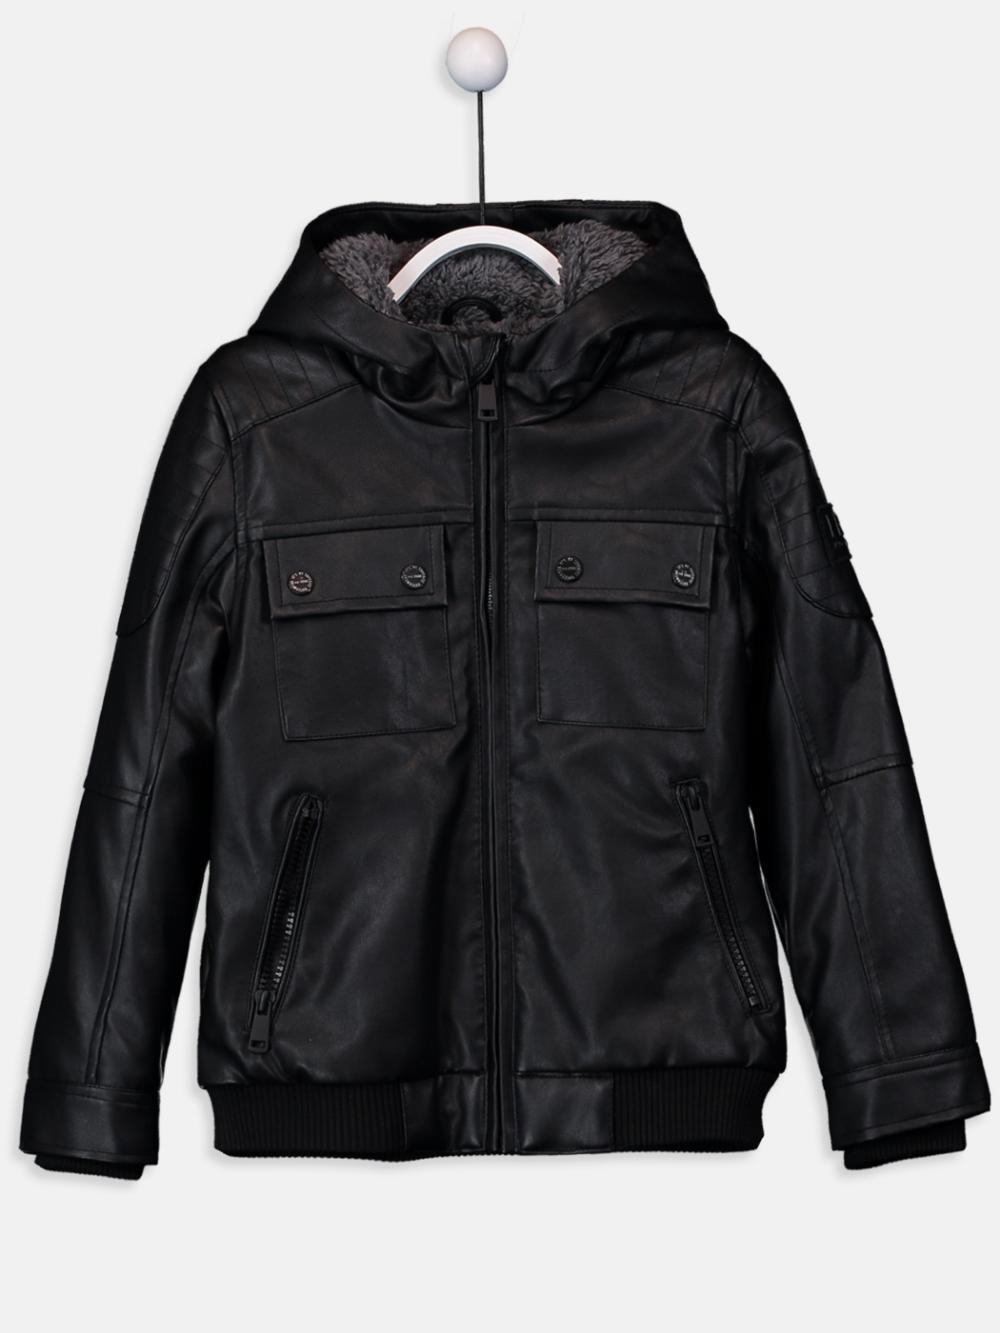 خرید کاپشن پسربچه چرم مشکی Motorcycle jacket